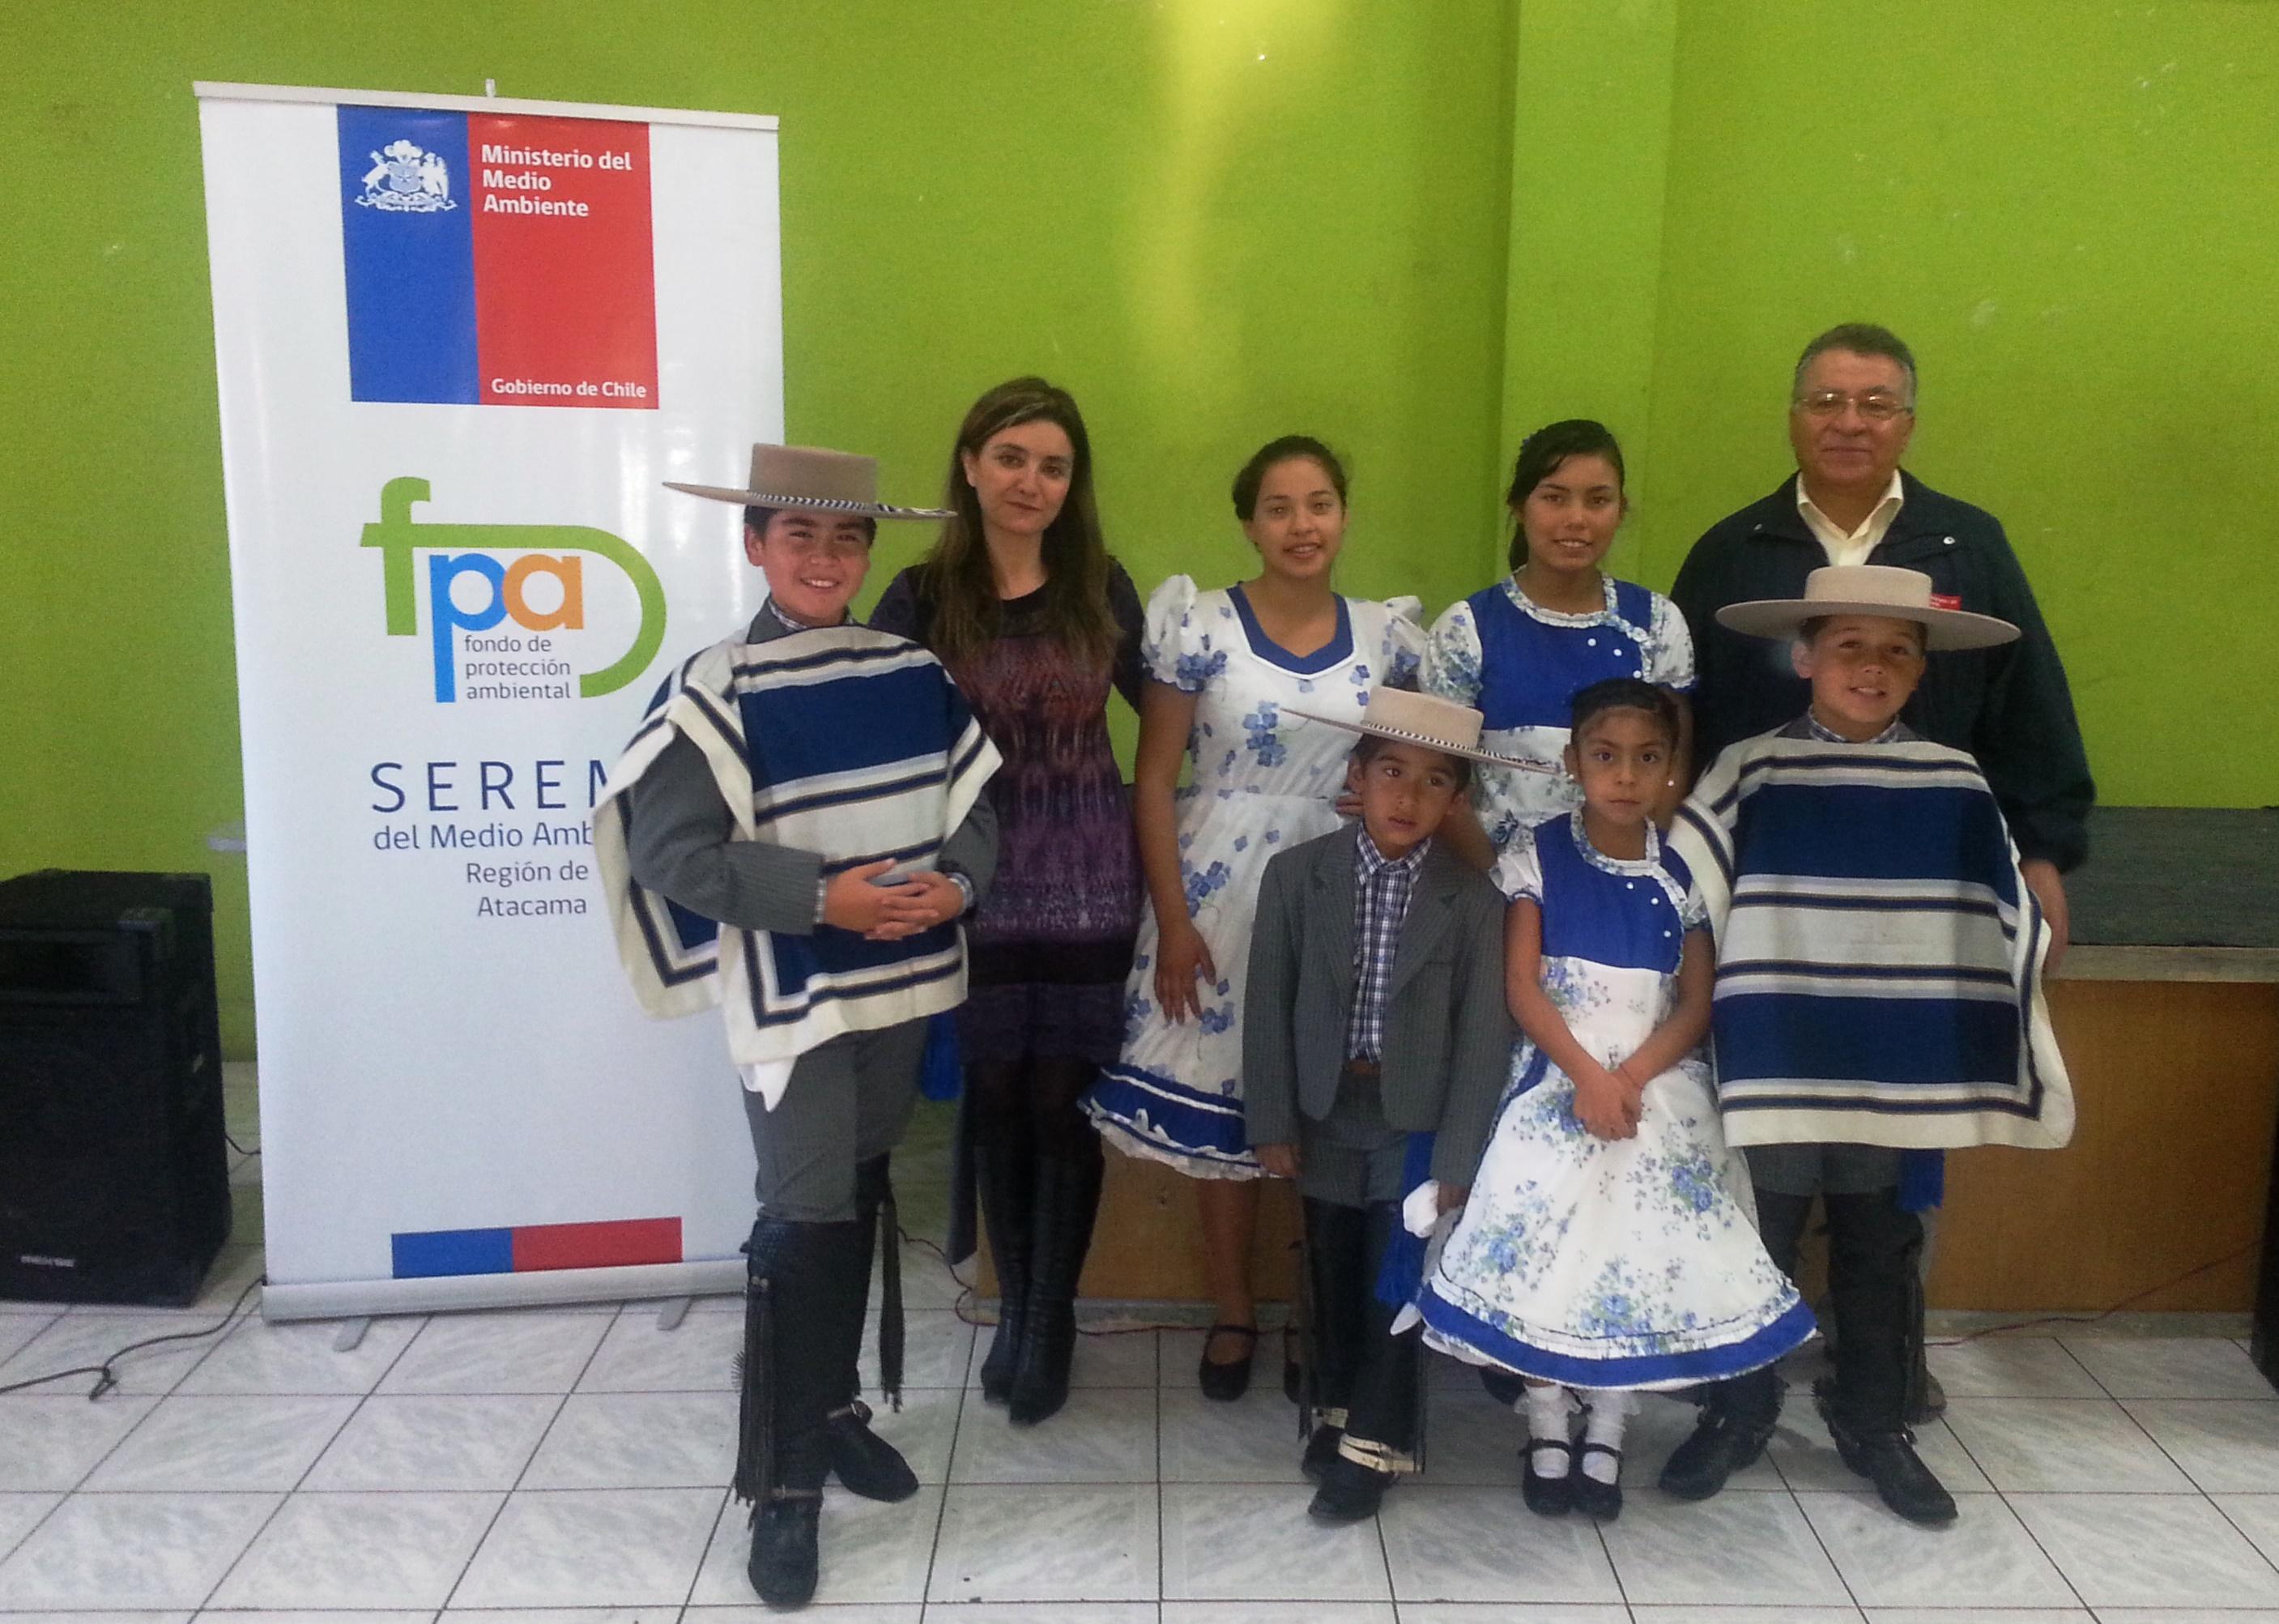 Seremi del Medio Ambiente celebró el Día de la Tierra lanzando Proyecto FPA en Vallenar